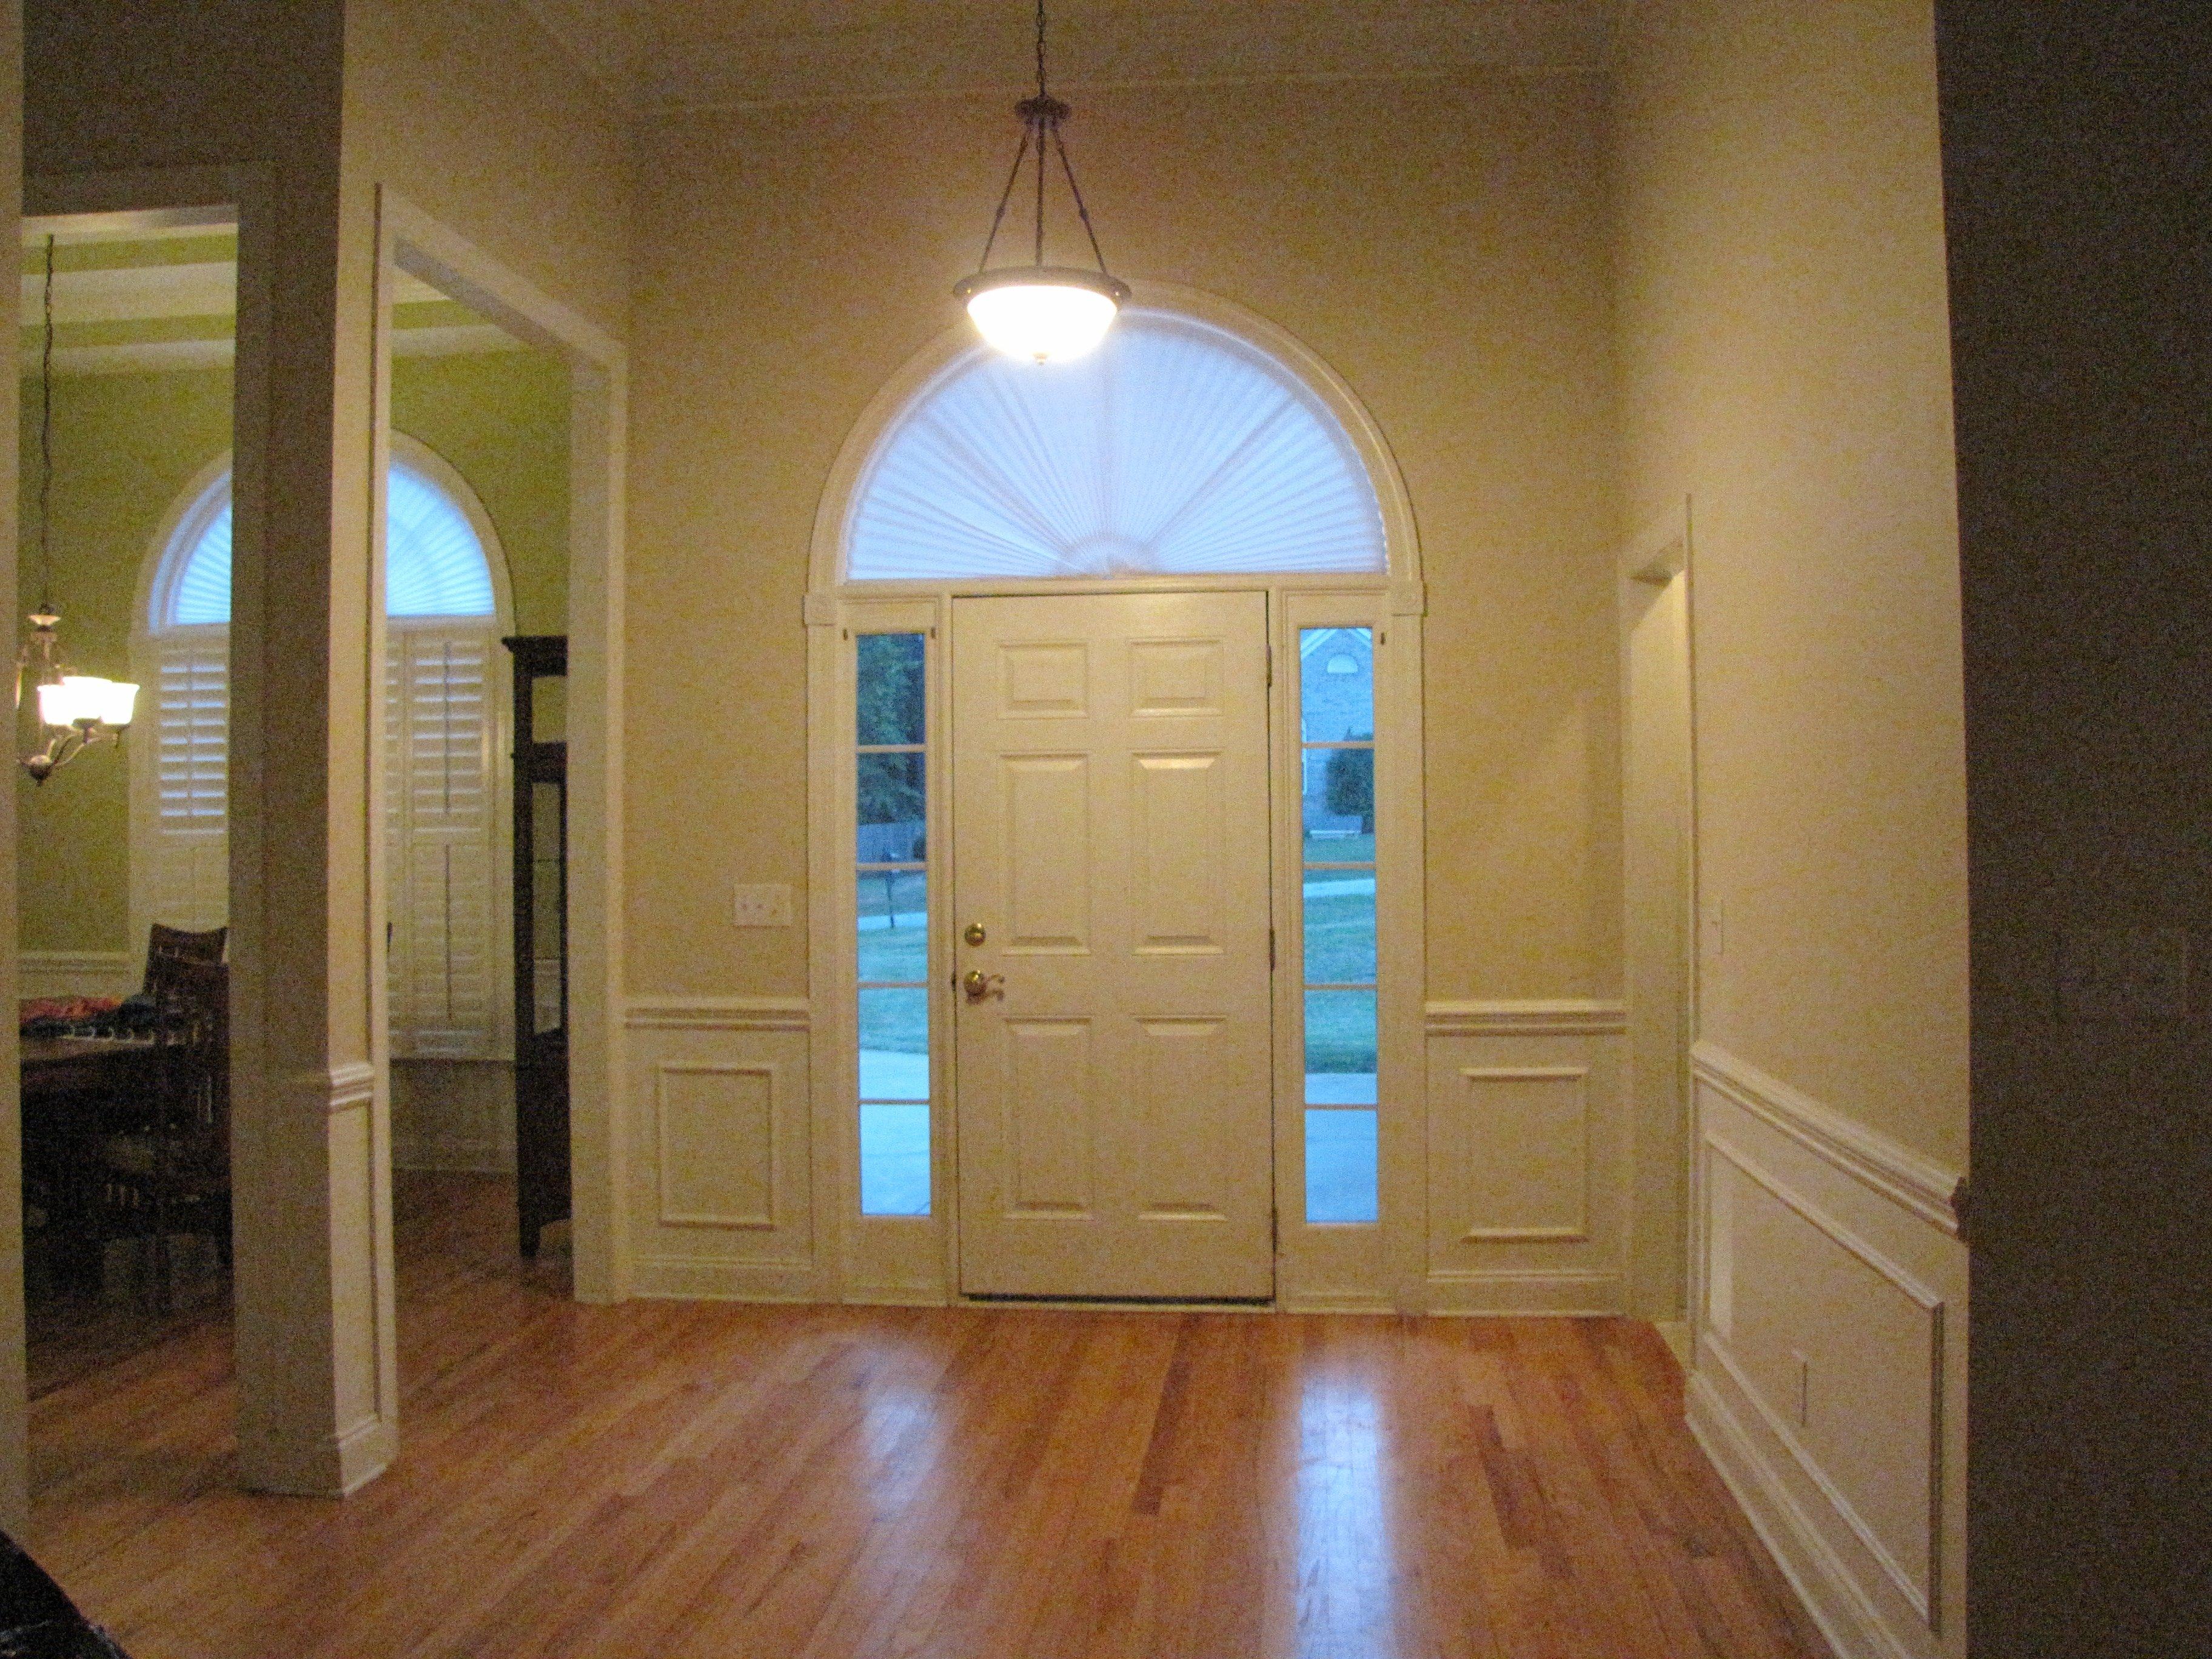 foyer: before